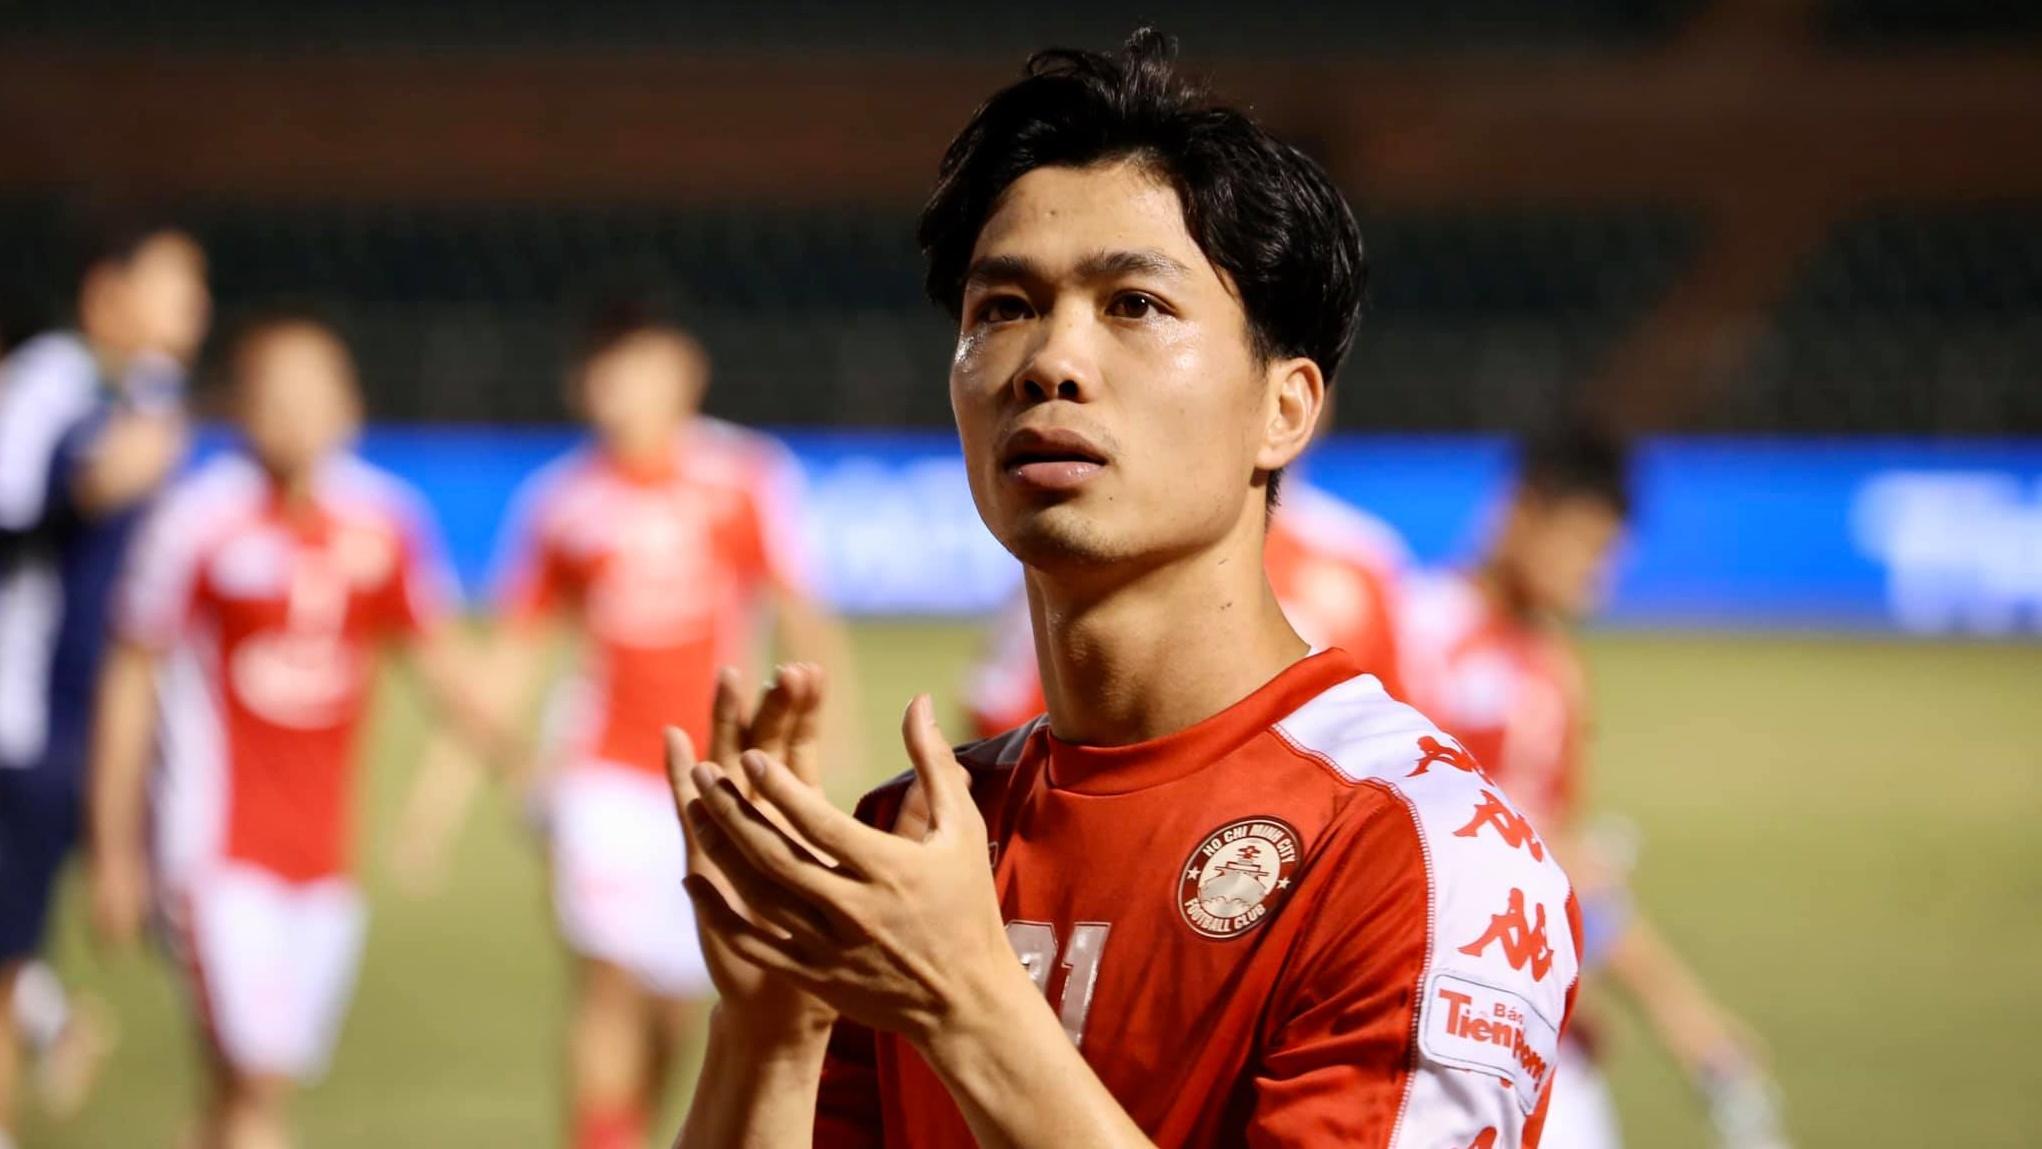 Chuyển nhượng V.League: Bầu Đức đồng ý để Công Phượng thi đấu cho CLB TP.HCM  tới hết mùa giải | Goal.com